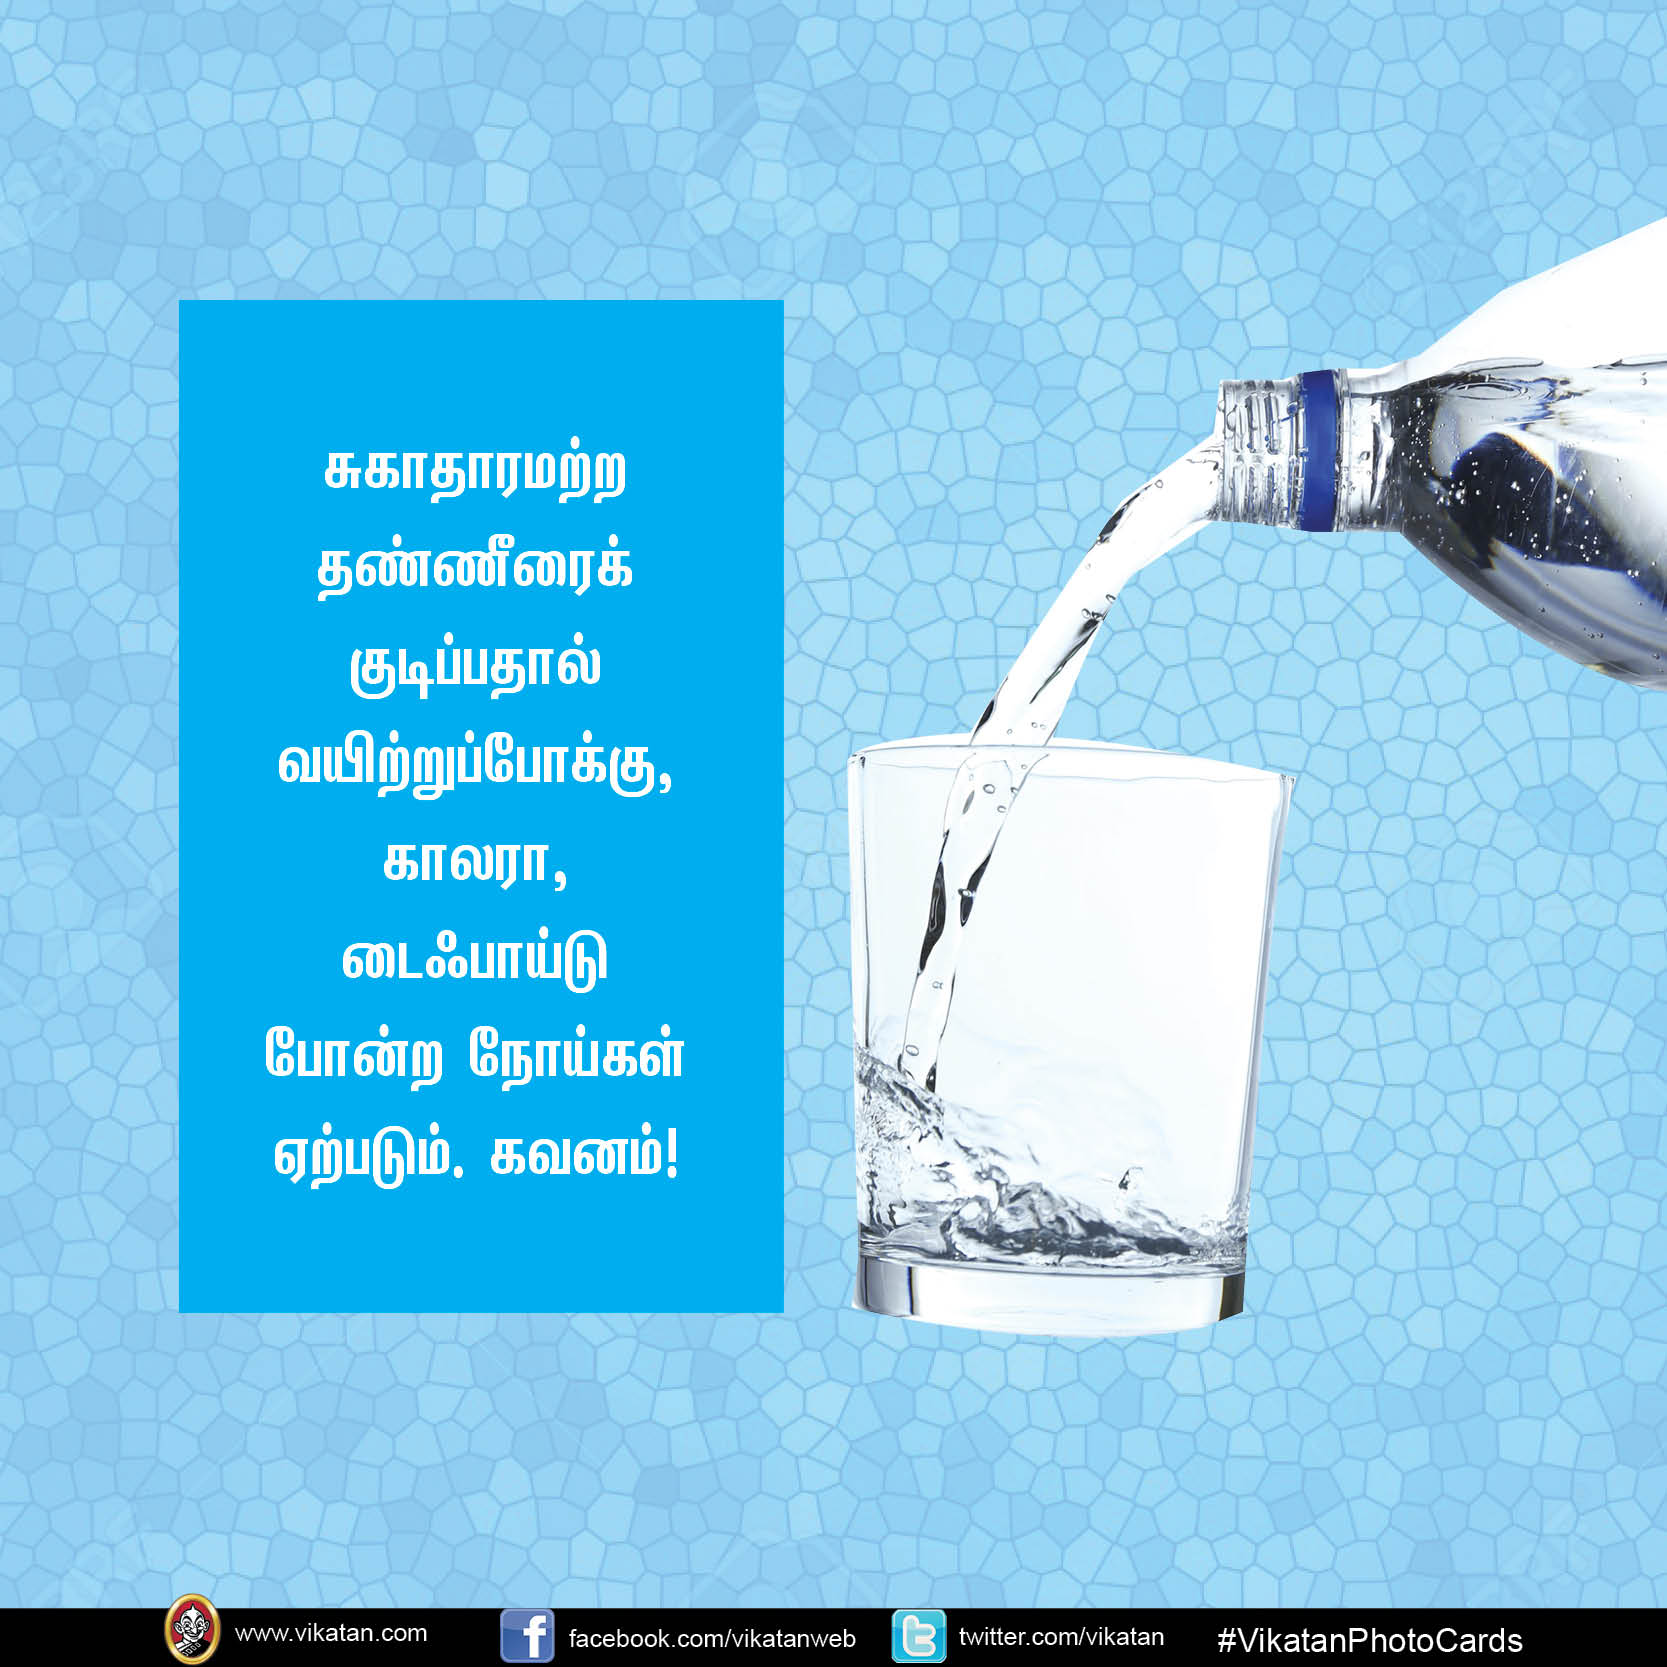 உடல் உறுப்புகள் பழுதின்றி செயல்பட உதவும் தண்ணீர்! #VikatanPhotoCard